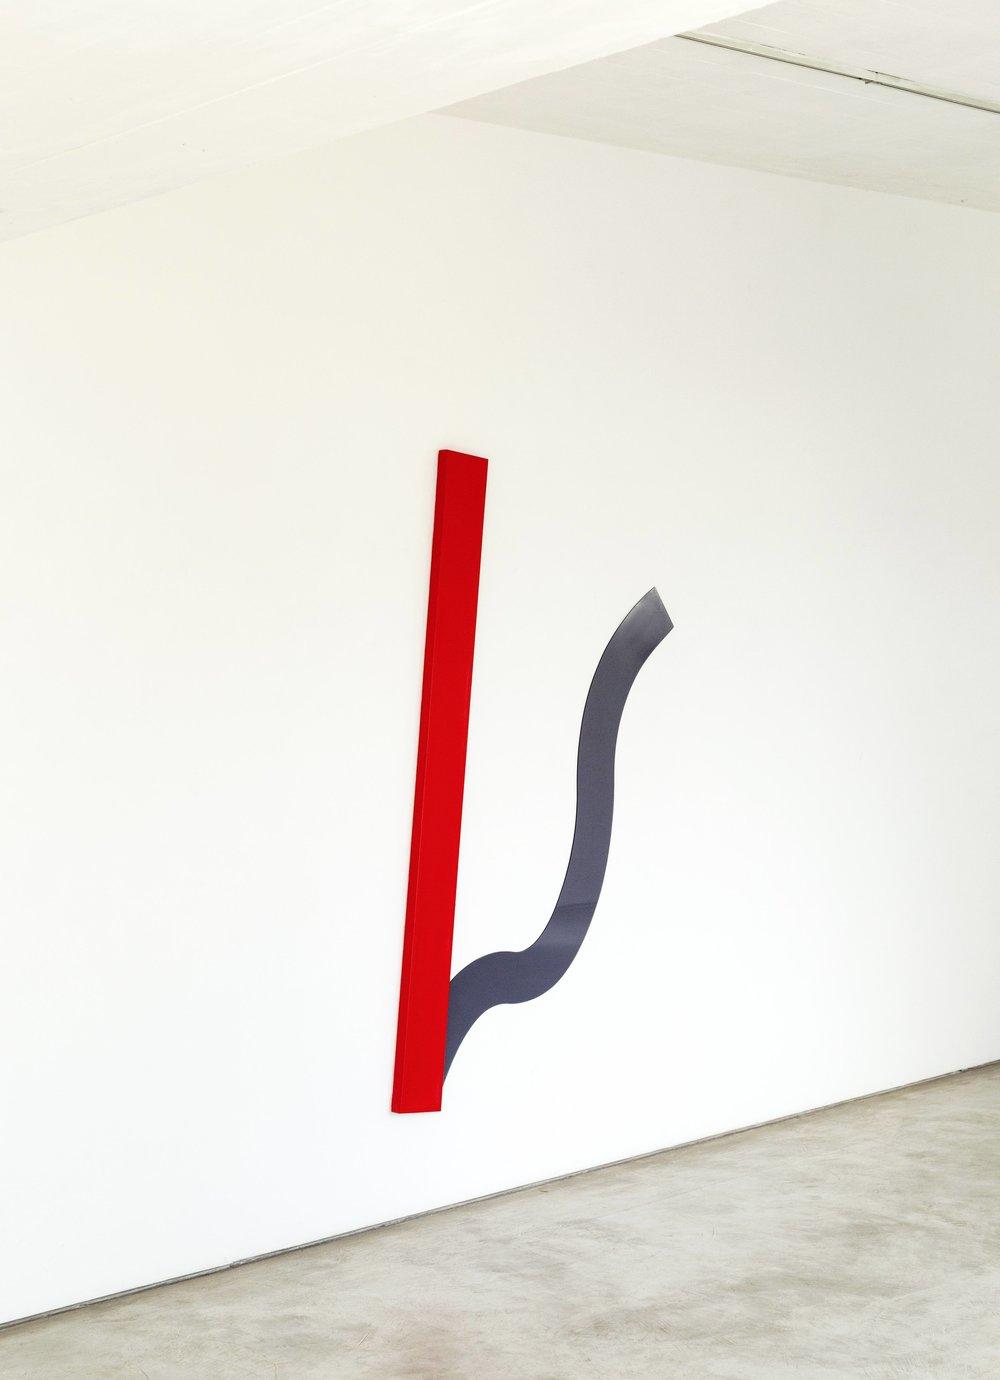 No se puede caminar hacia atrás en el futuro, 2017  / Acrylic on canvas and plexiglas / 180cm x 125cm